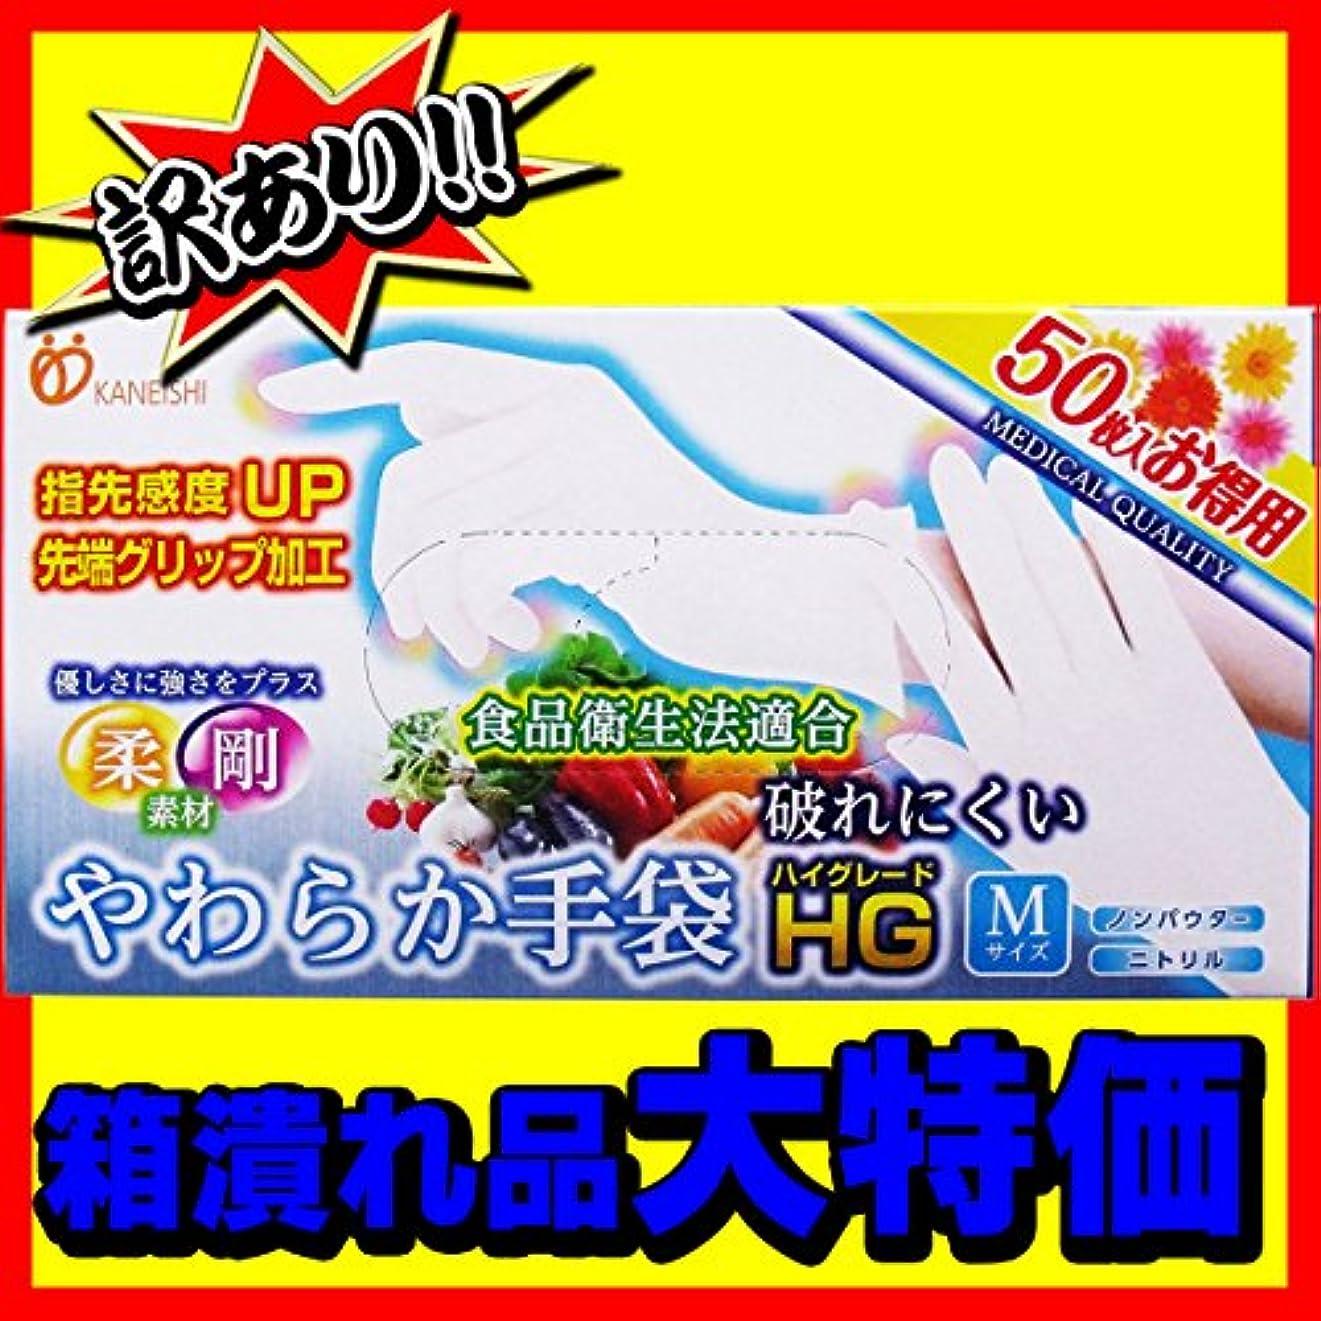 軸ゴミ各【訳アリ】 やわらか手袋HG(ハイグレード) 二トリル手袋 パウダーフリー Mサイズ50枚入×5個セット